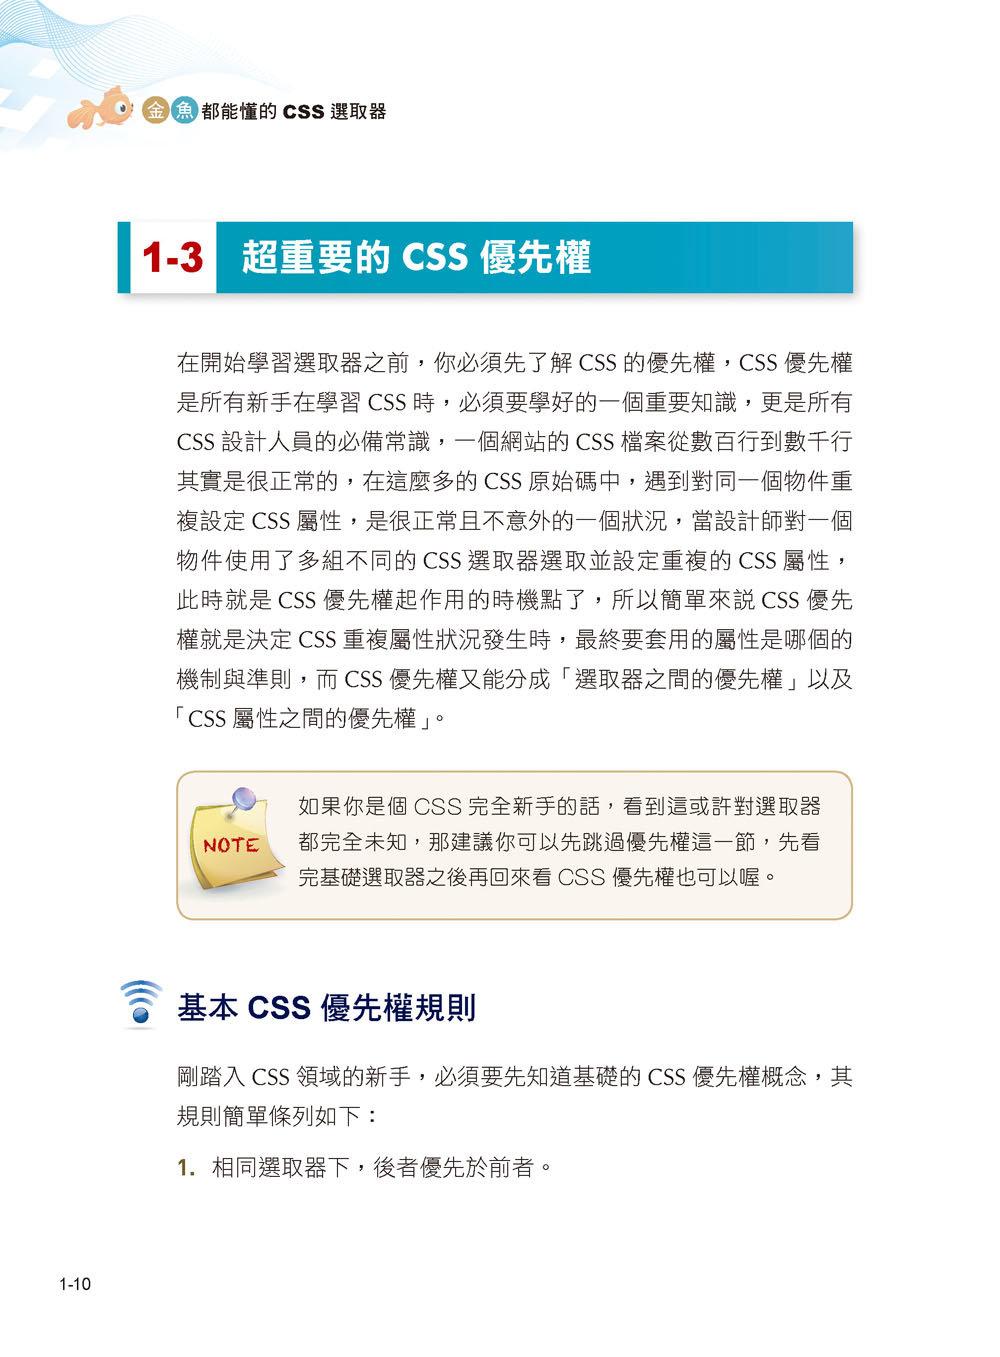 金魚都能懂的 CSS 選取器:金魚都能懂了你還怕學不會嗎(iT邦幫忙鐵人賽系列書)-preview-13